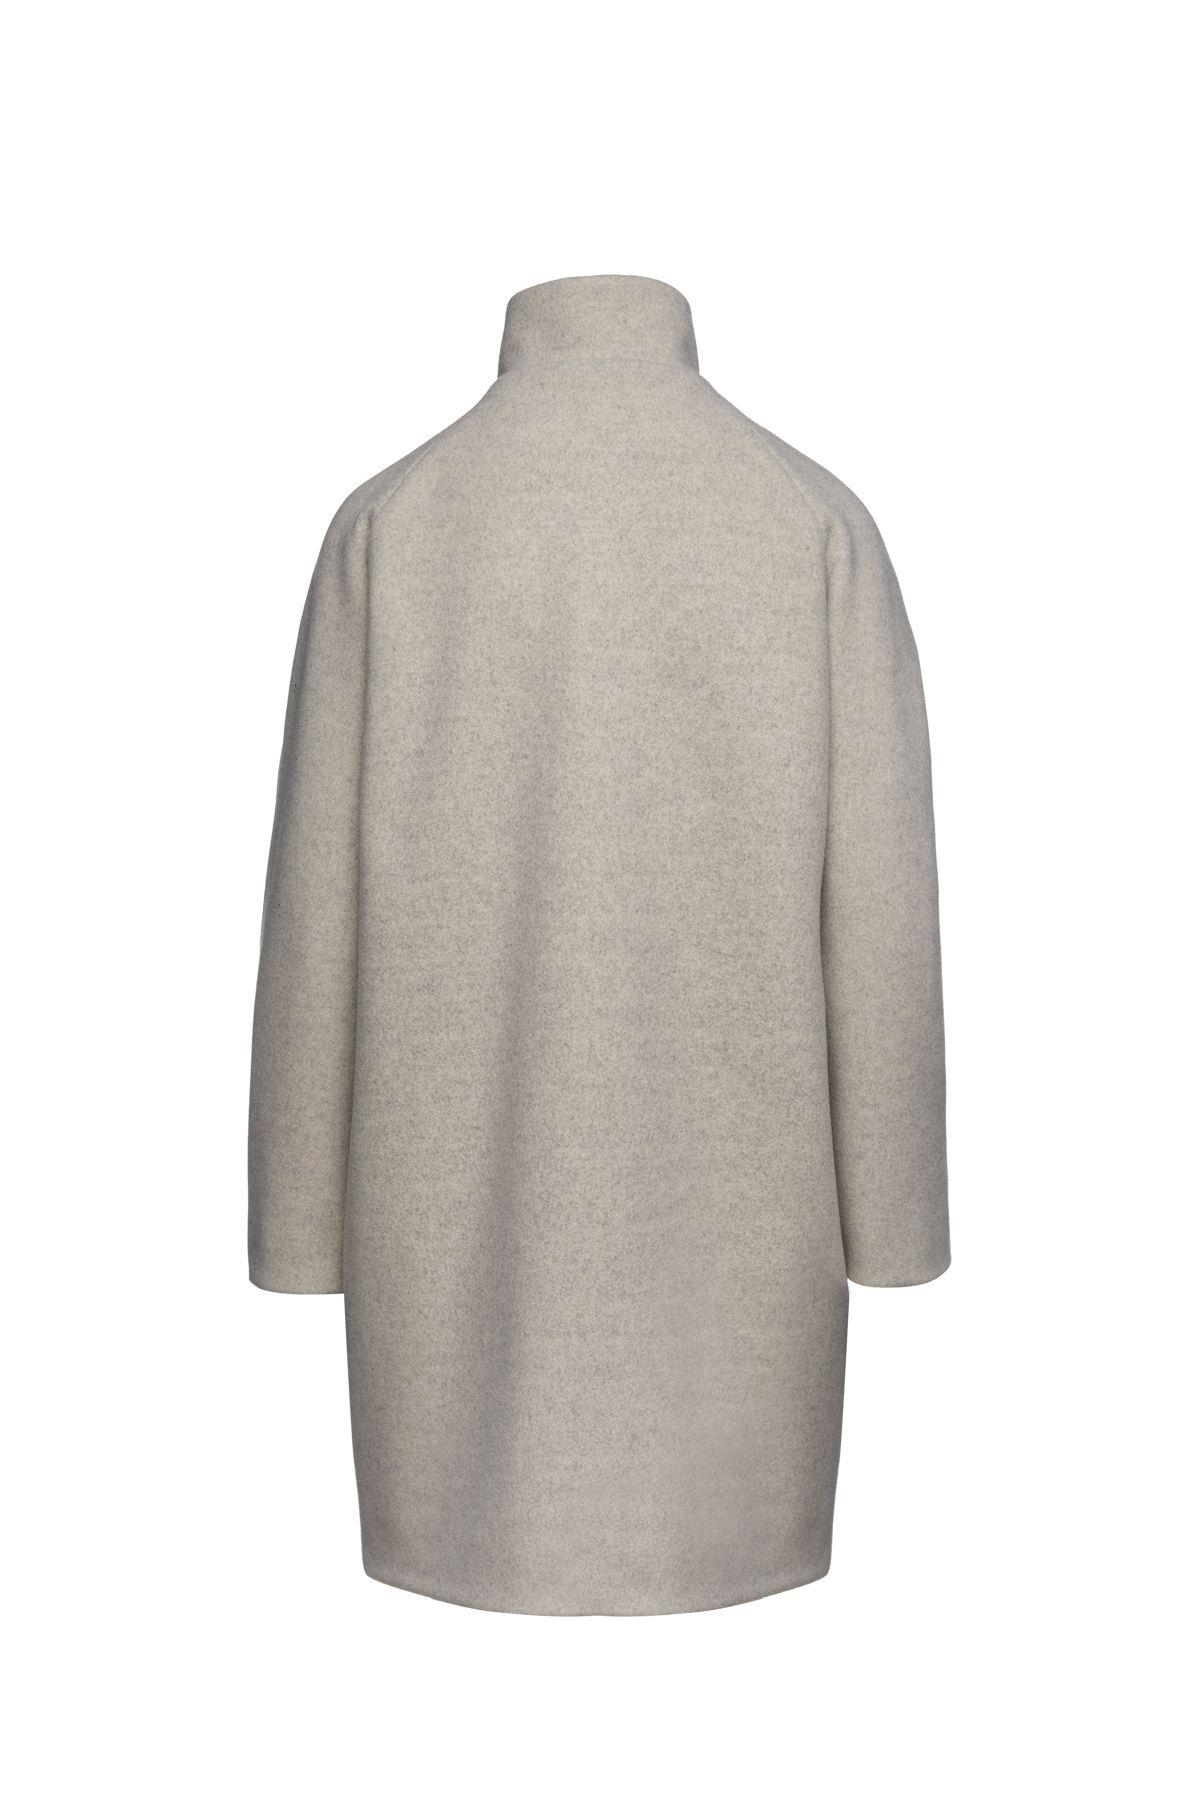 Mouflon Sand Colour Mélange Coat by Conquista Fashion